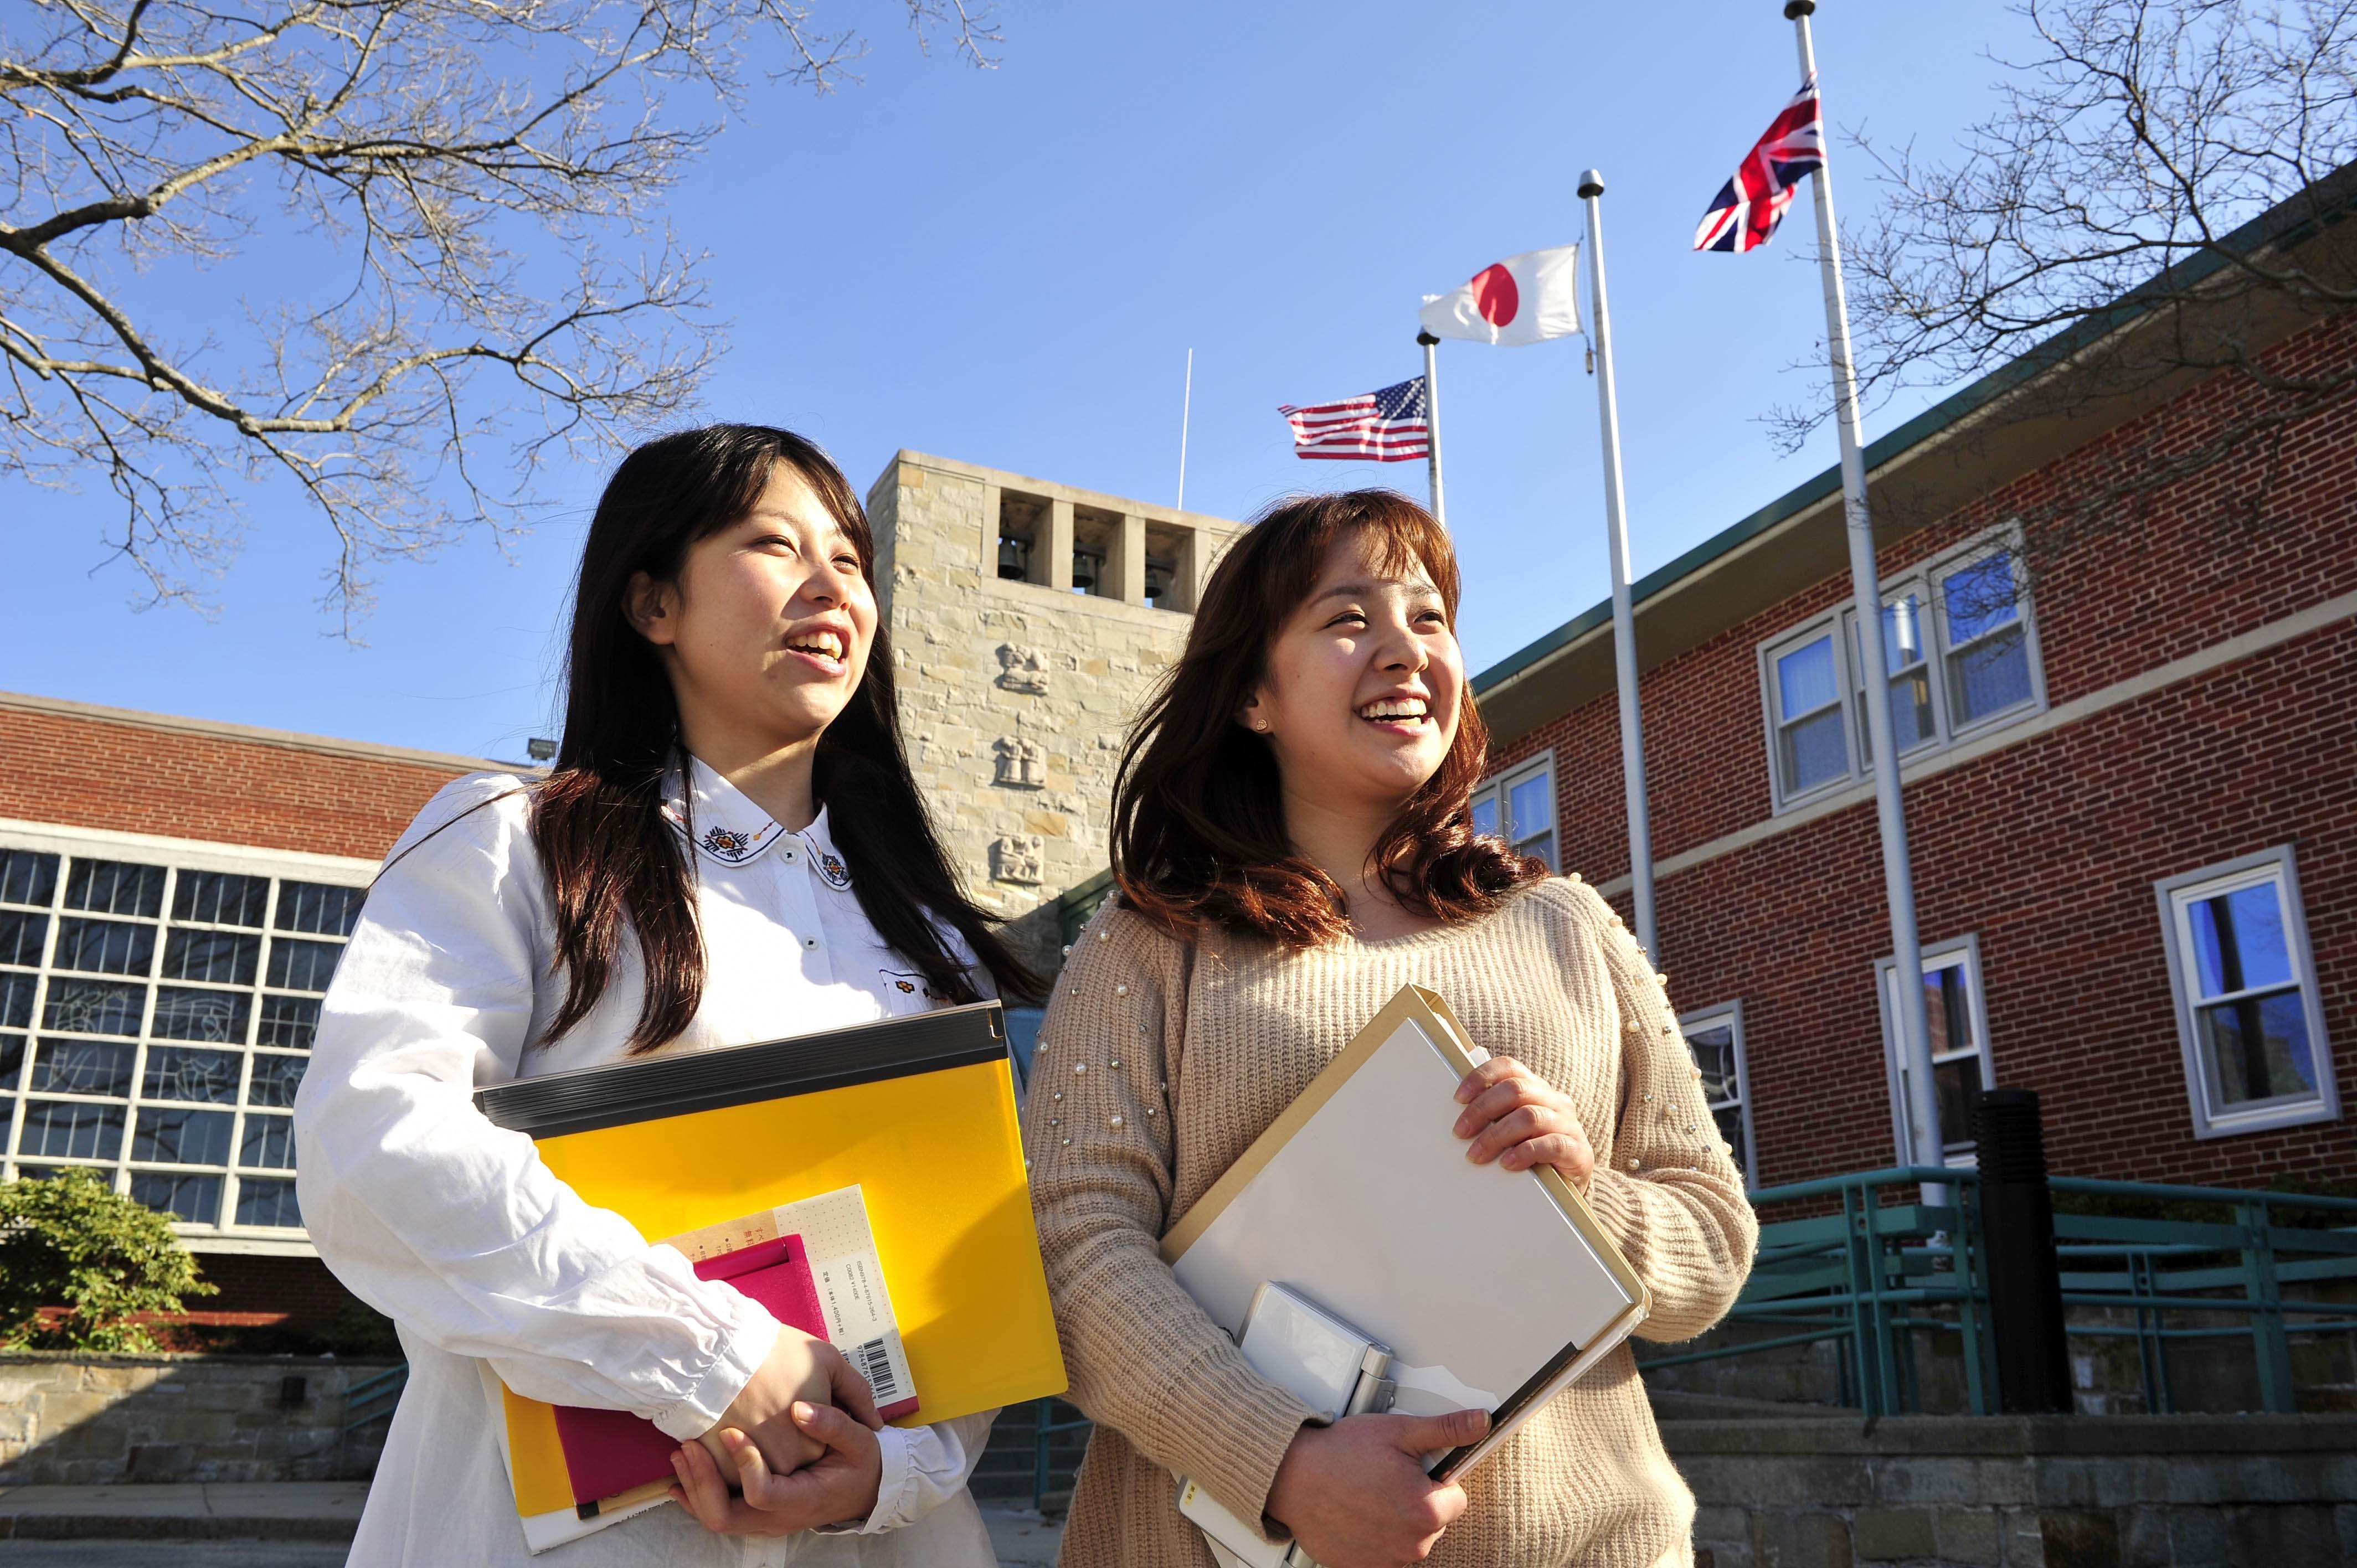 昭和ボストン30周年 1万3000人が''世界''へ羽ばたく -- 昭和女子大学